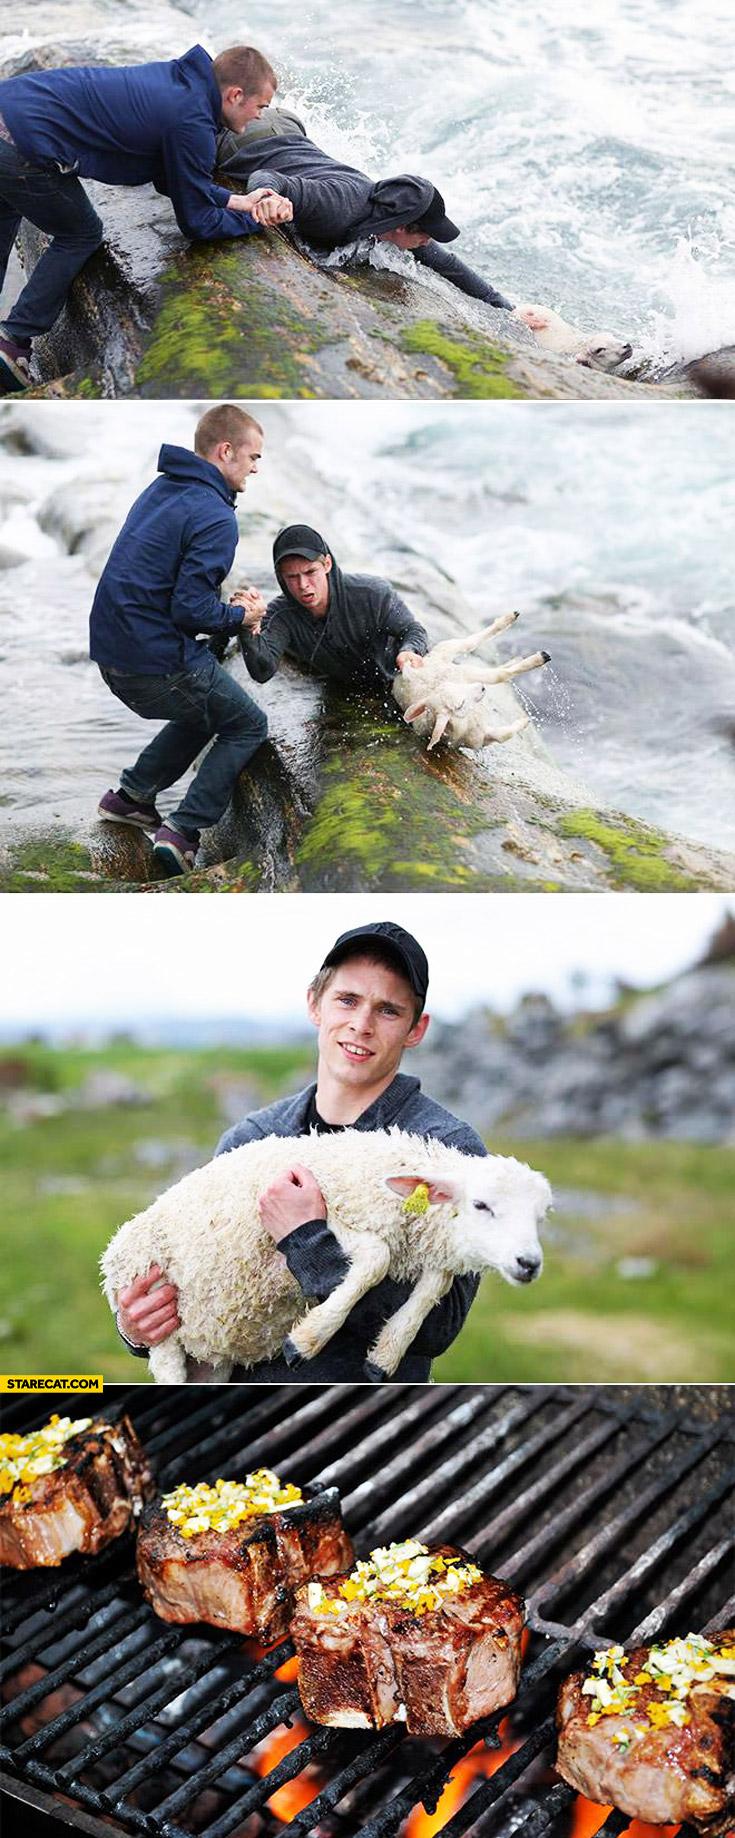 Real hero saves a sheep